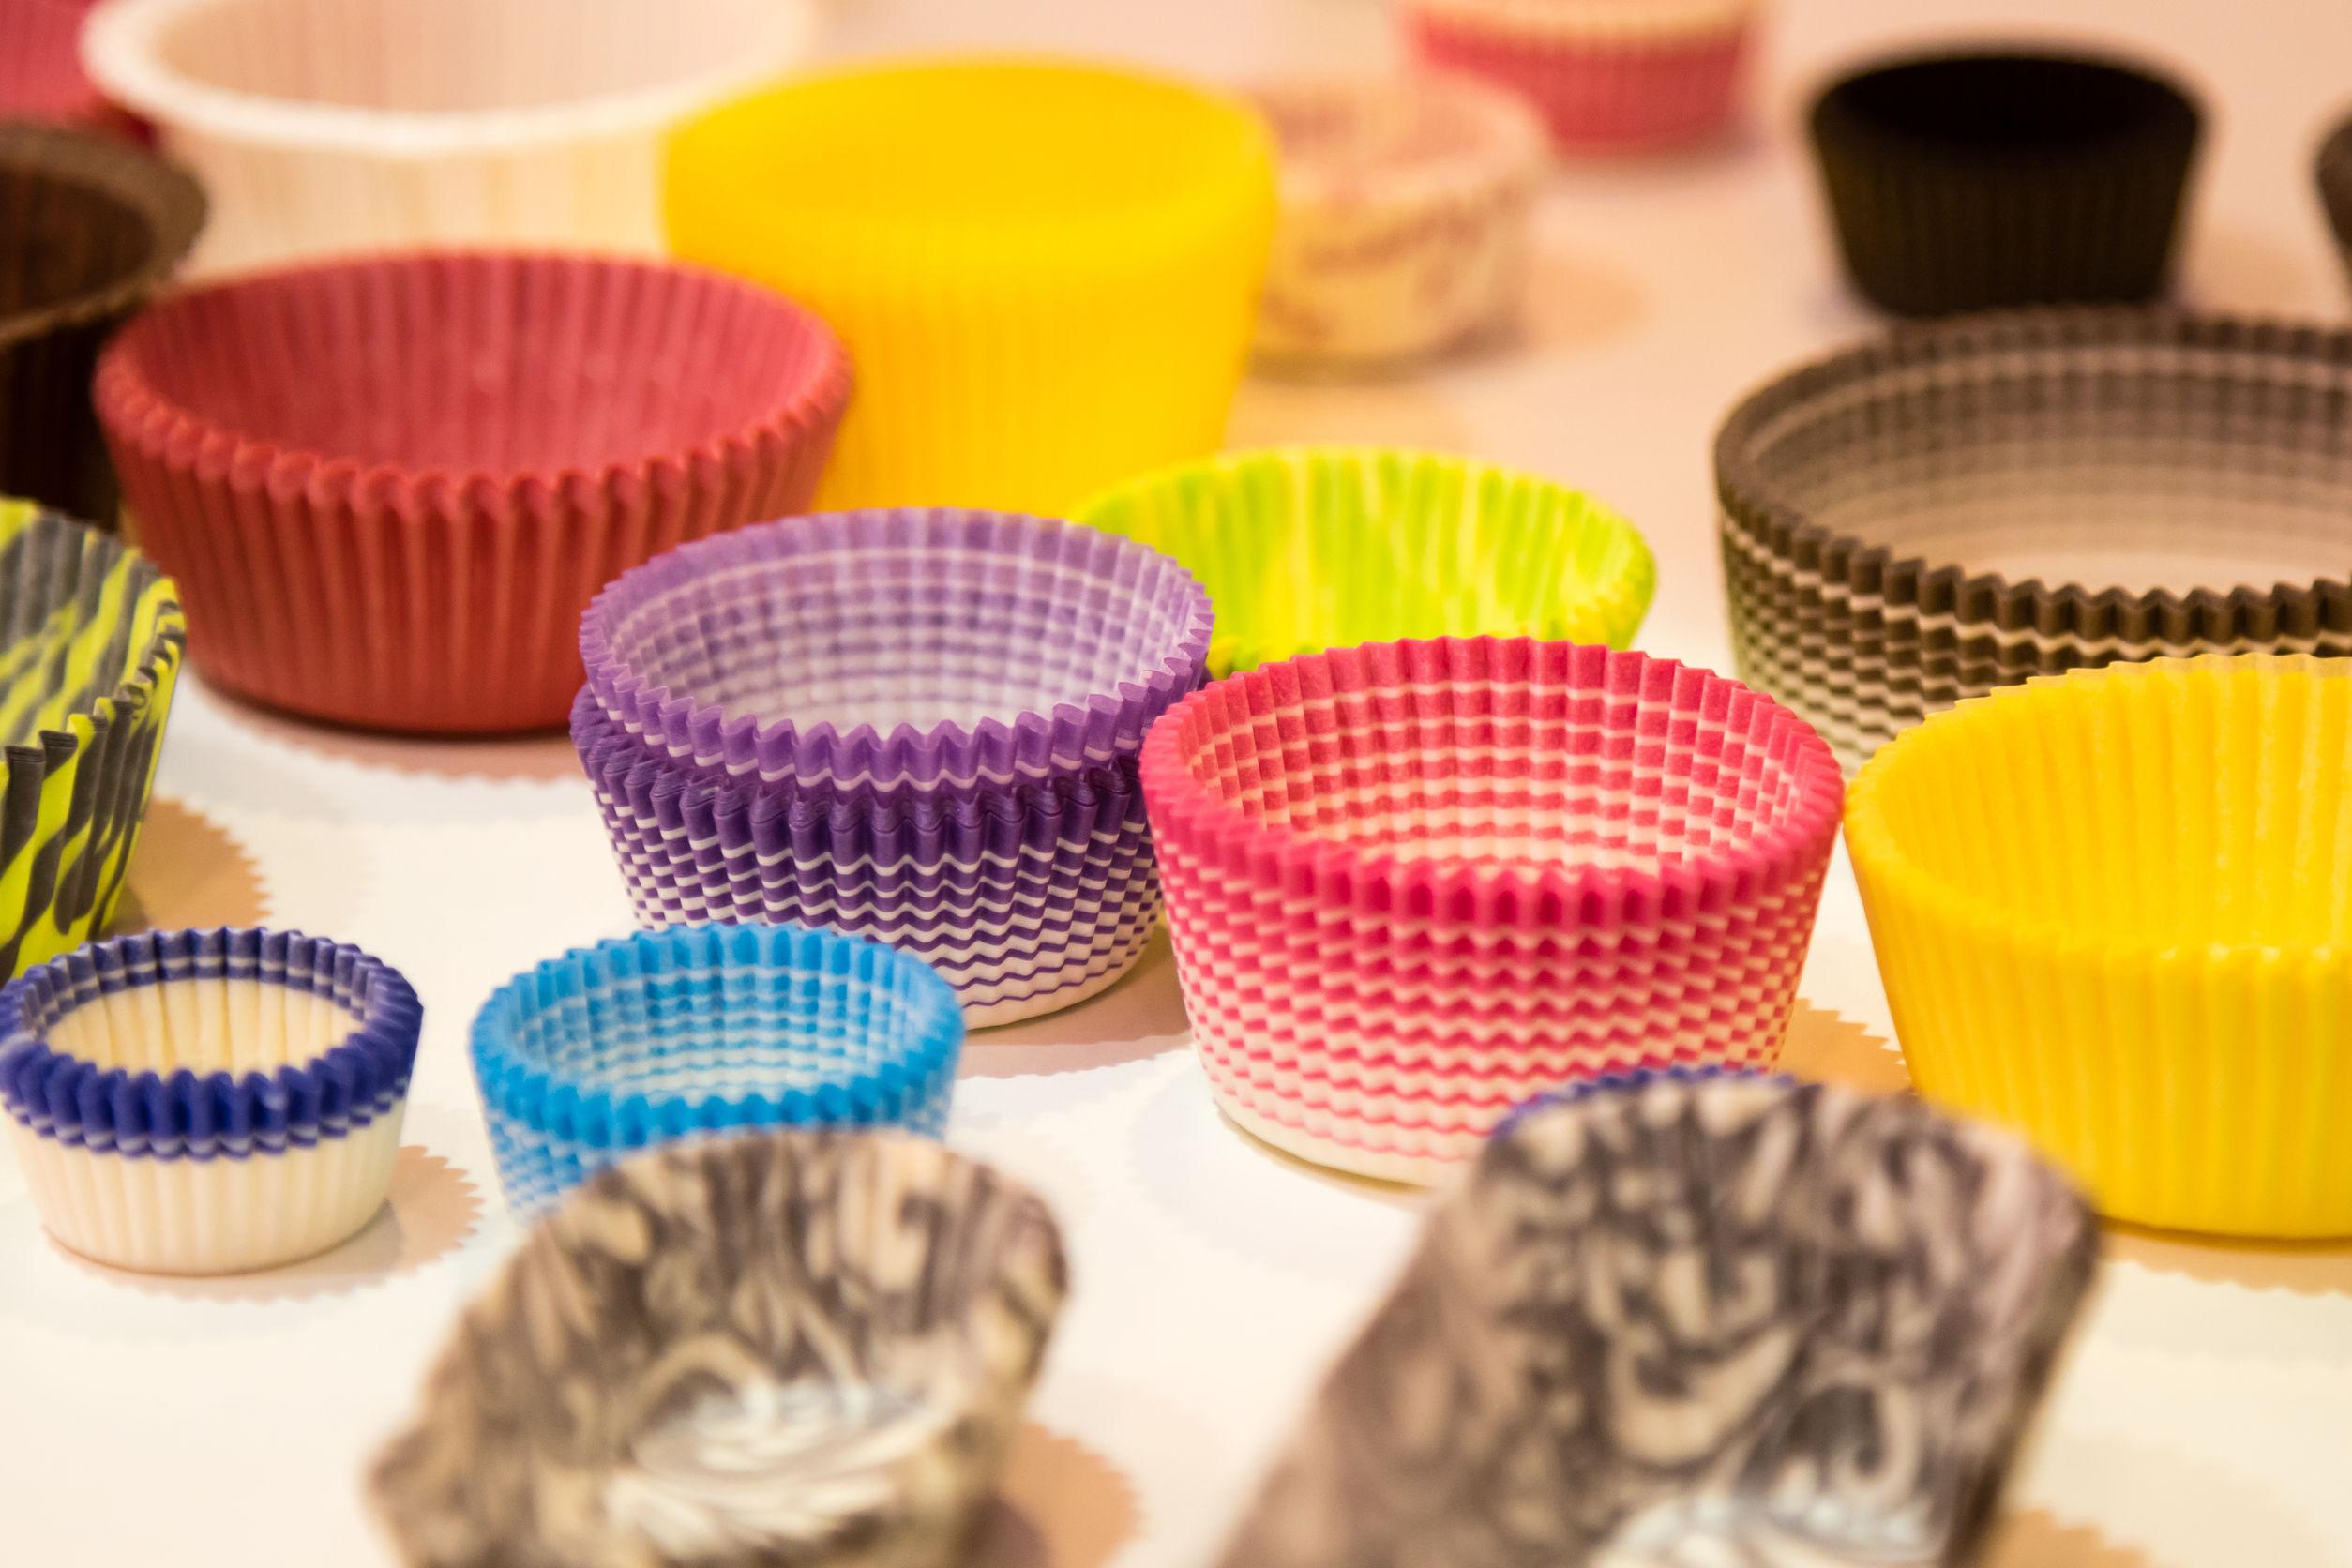 Muffinförmchen aus Papier: Test & Empfehlungen (01/20)